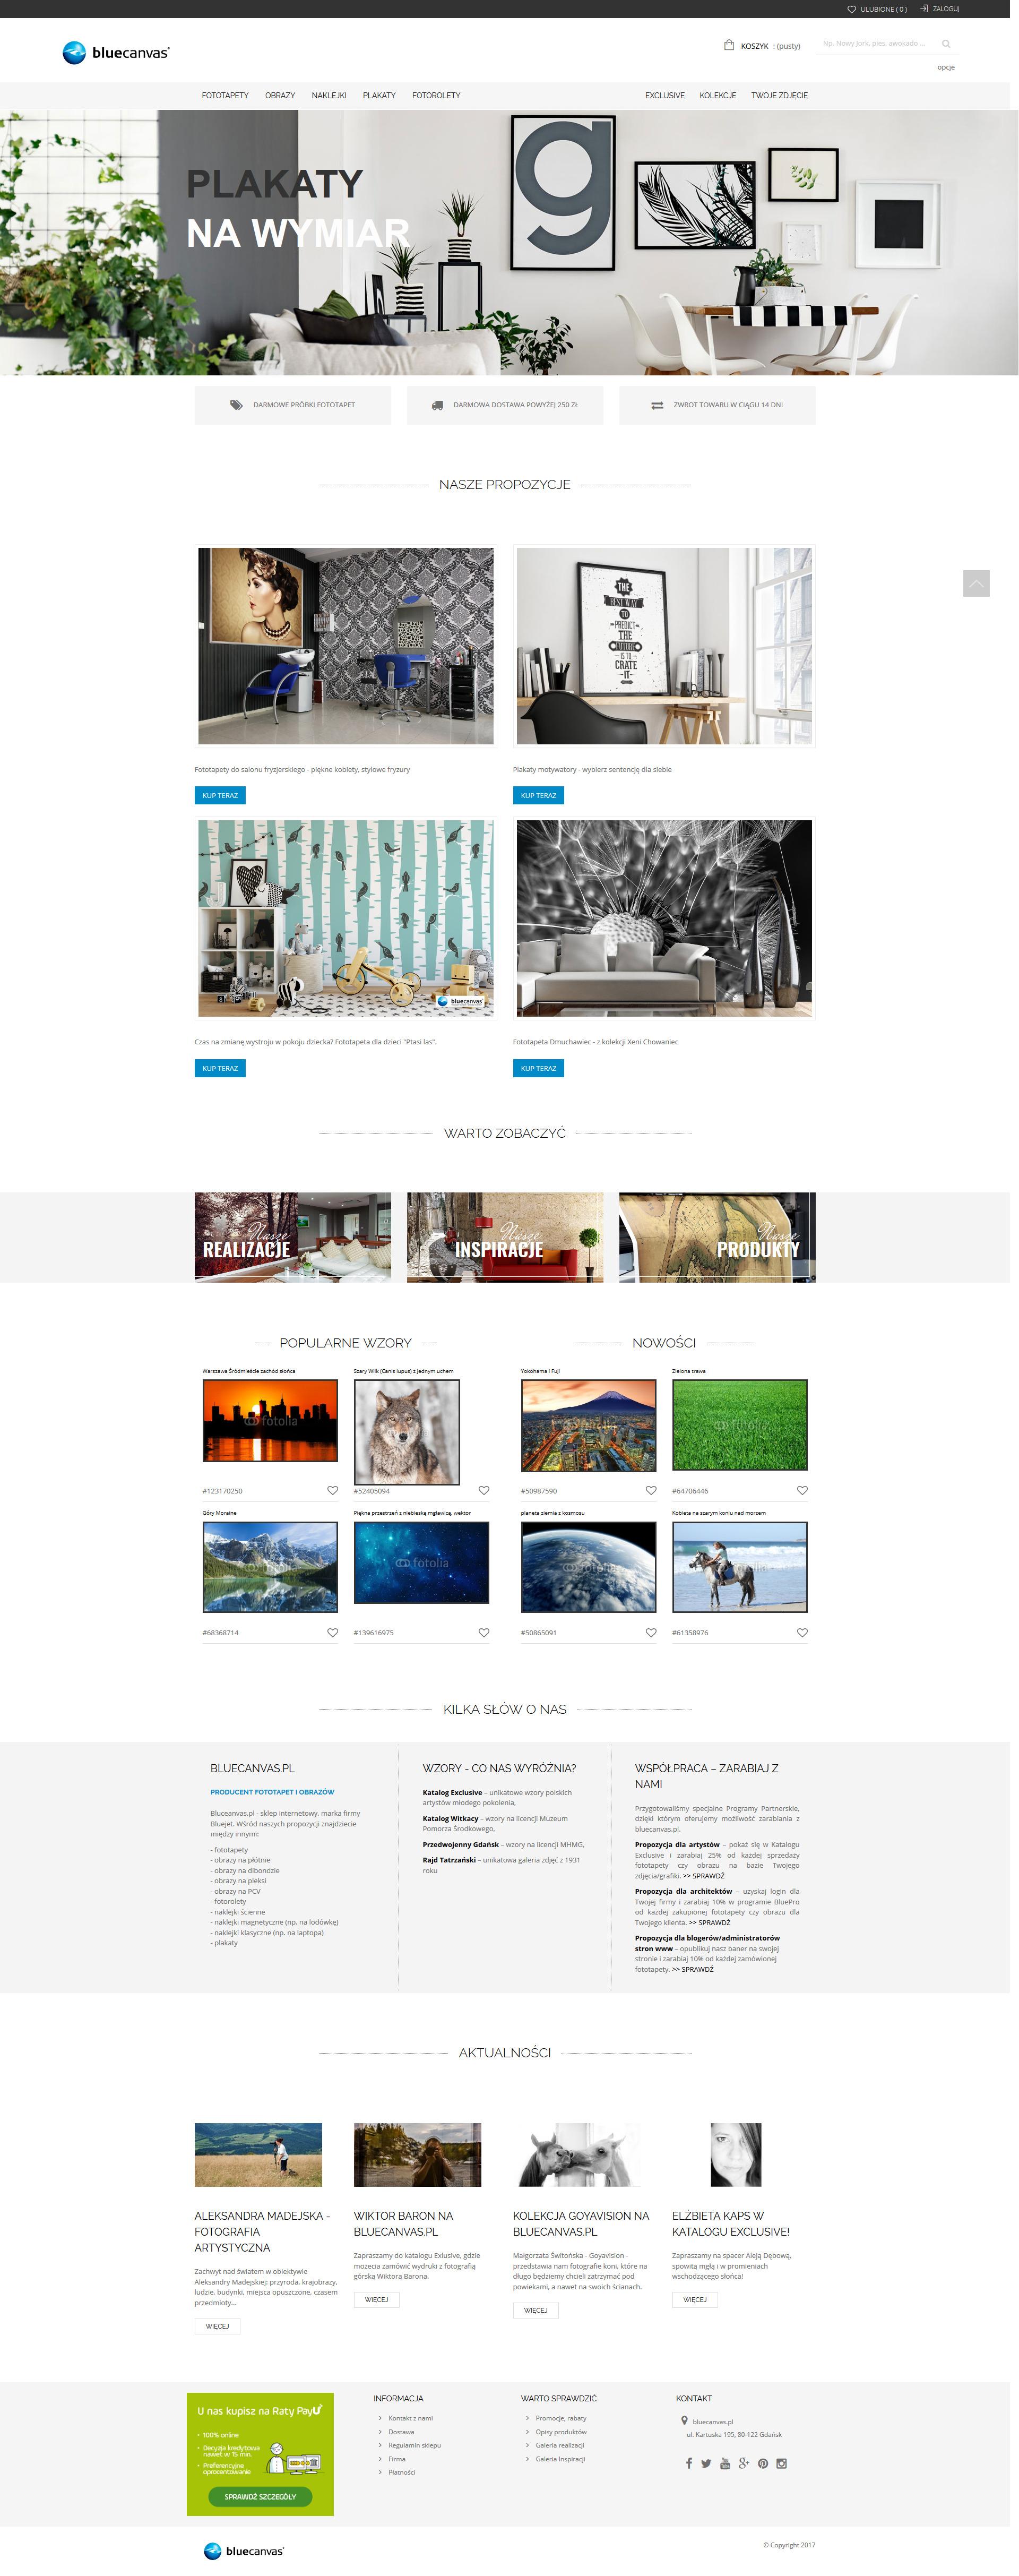 Wykonanie sklepu internetowego bluecanvas.pl